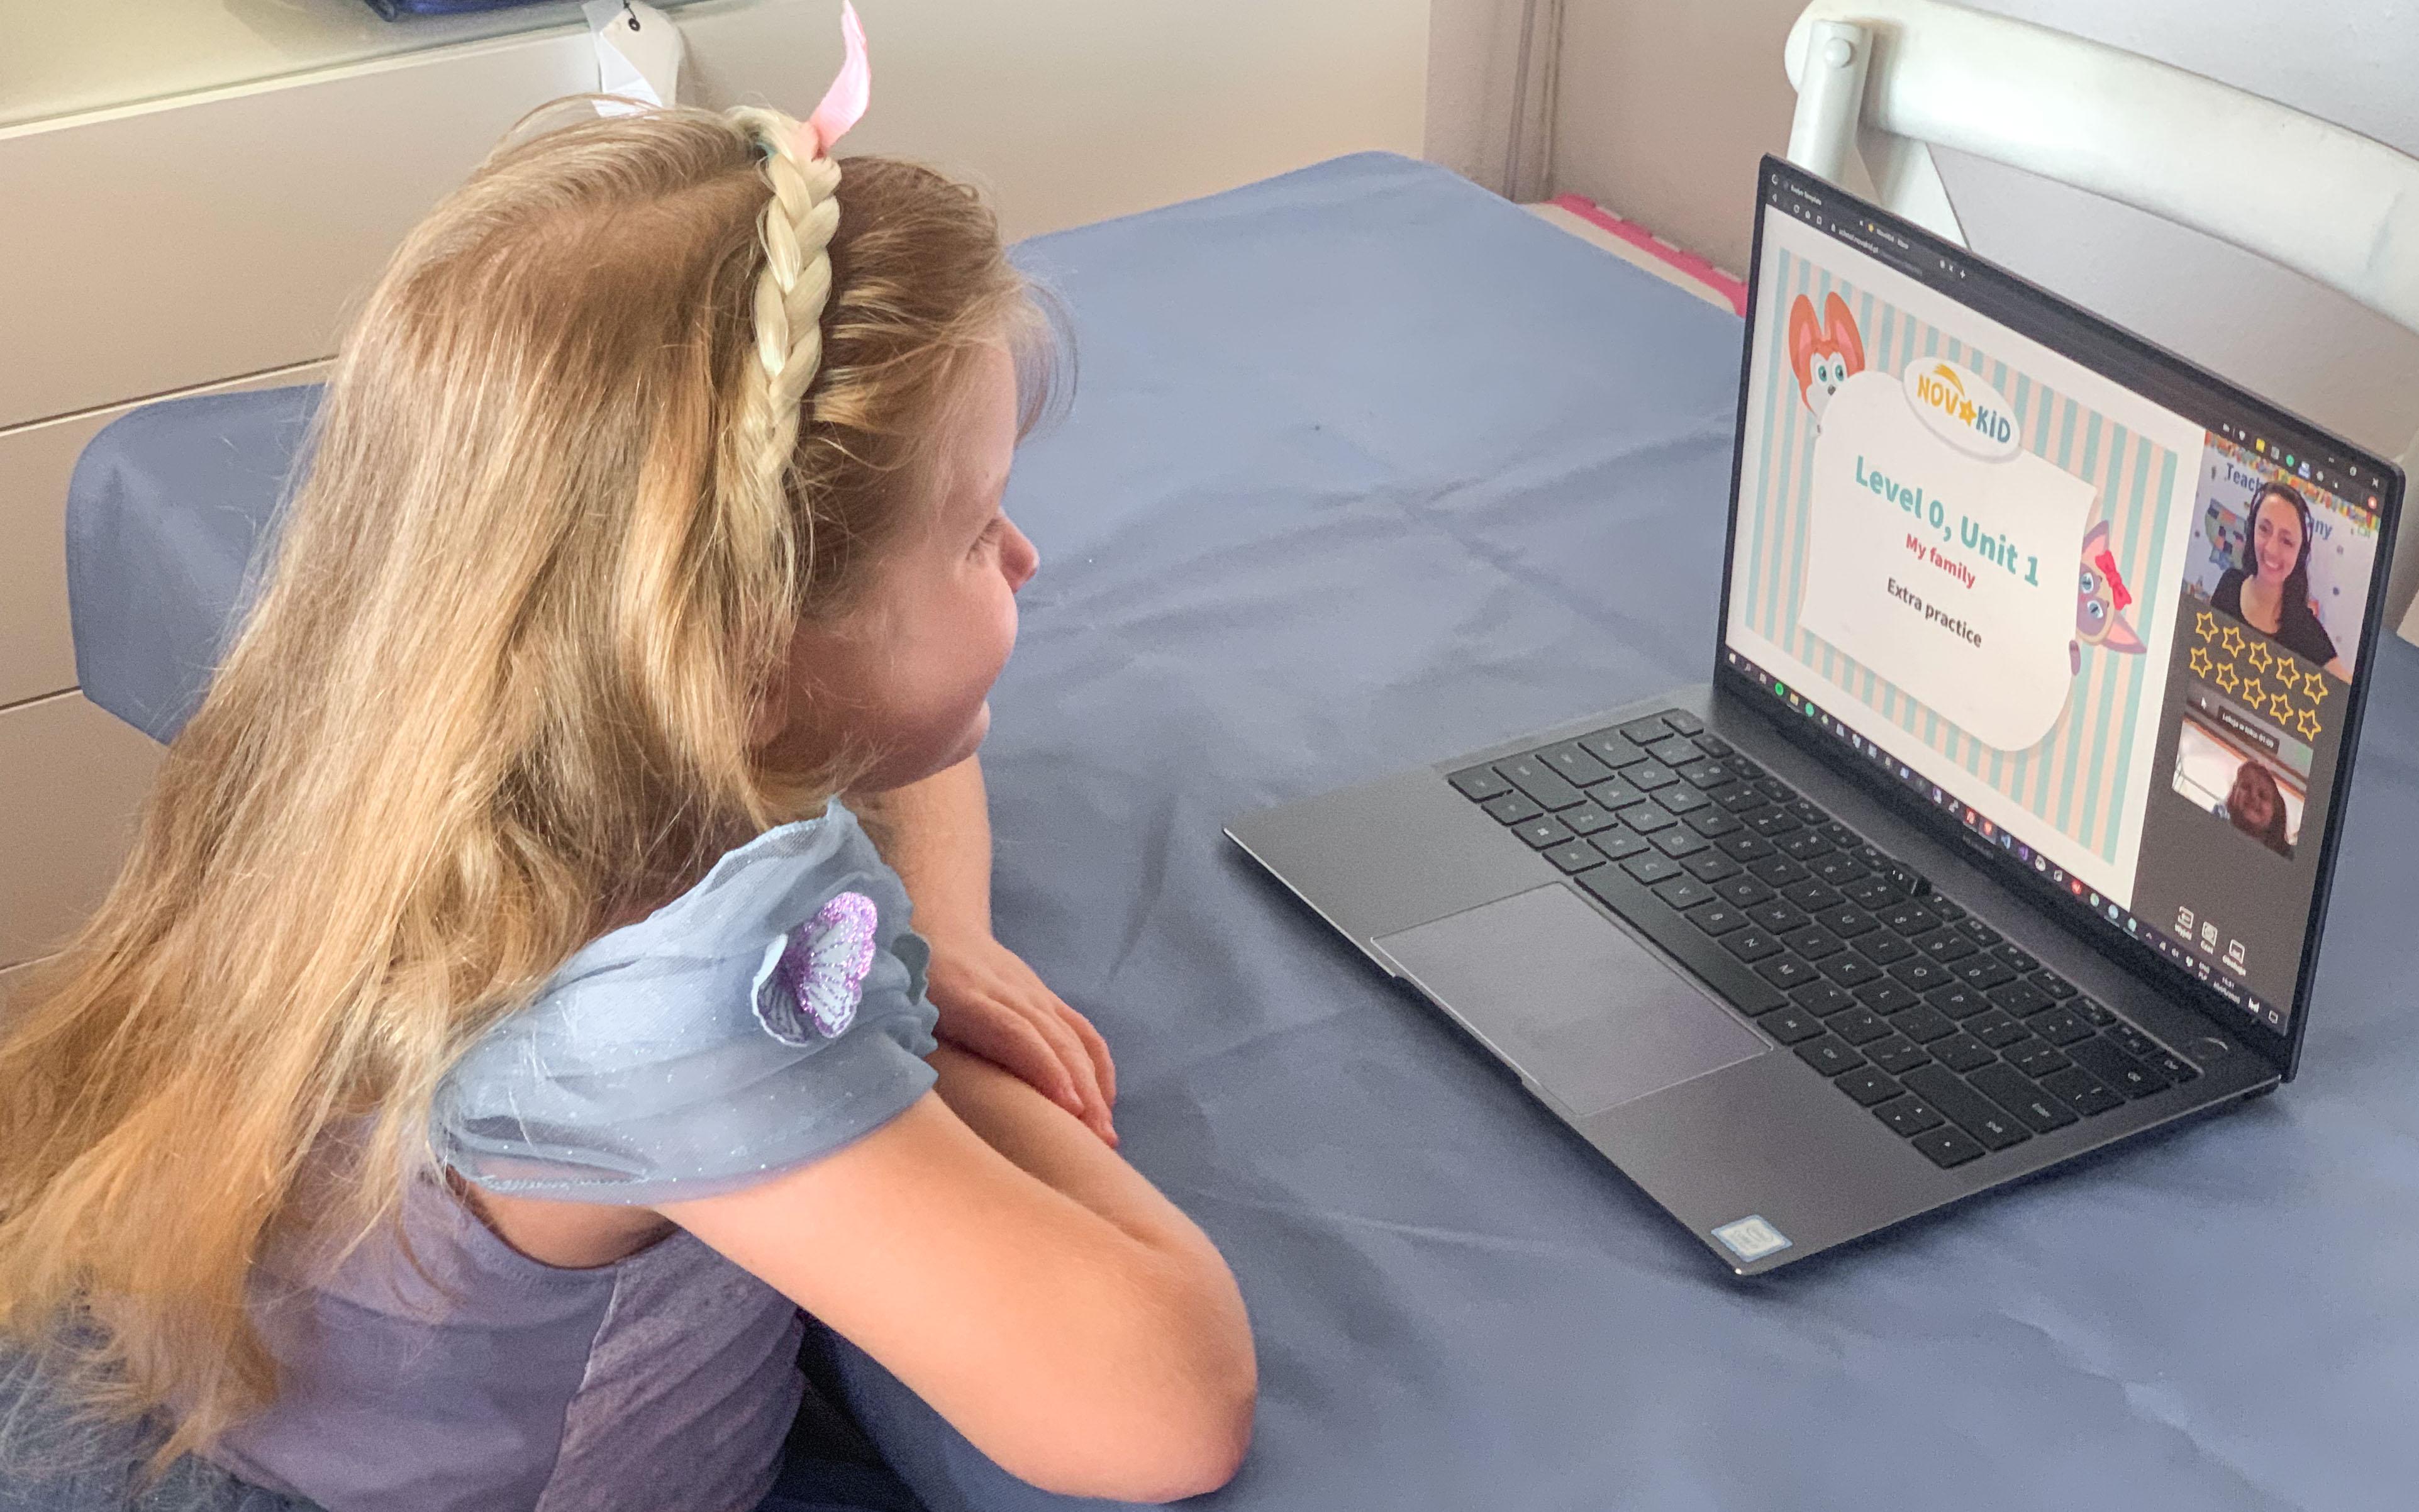 Dziewczynka uczy się angielskiego z Novakid.